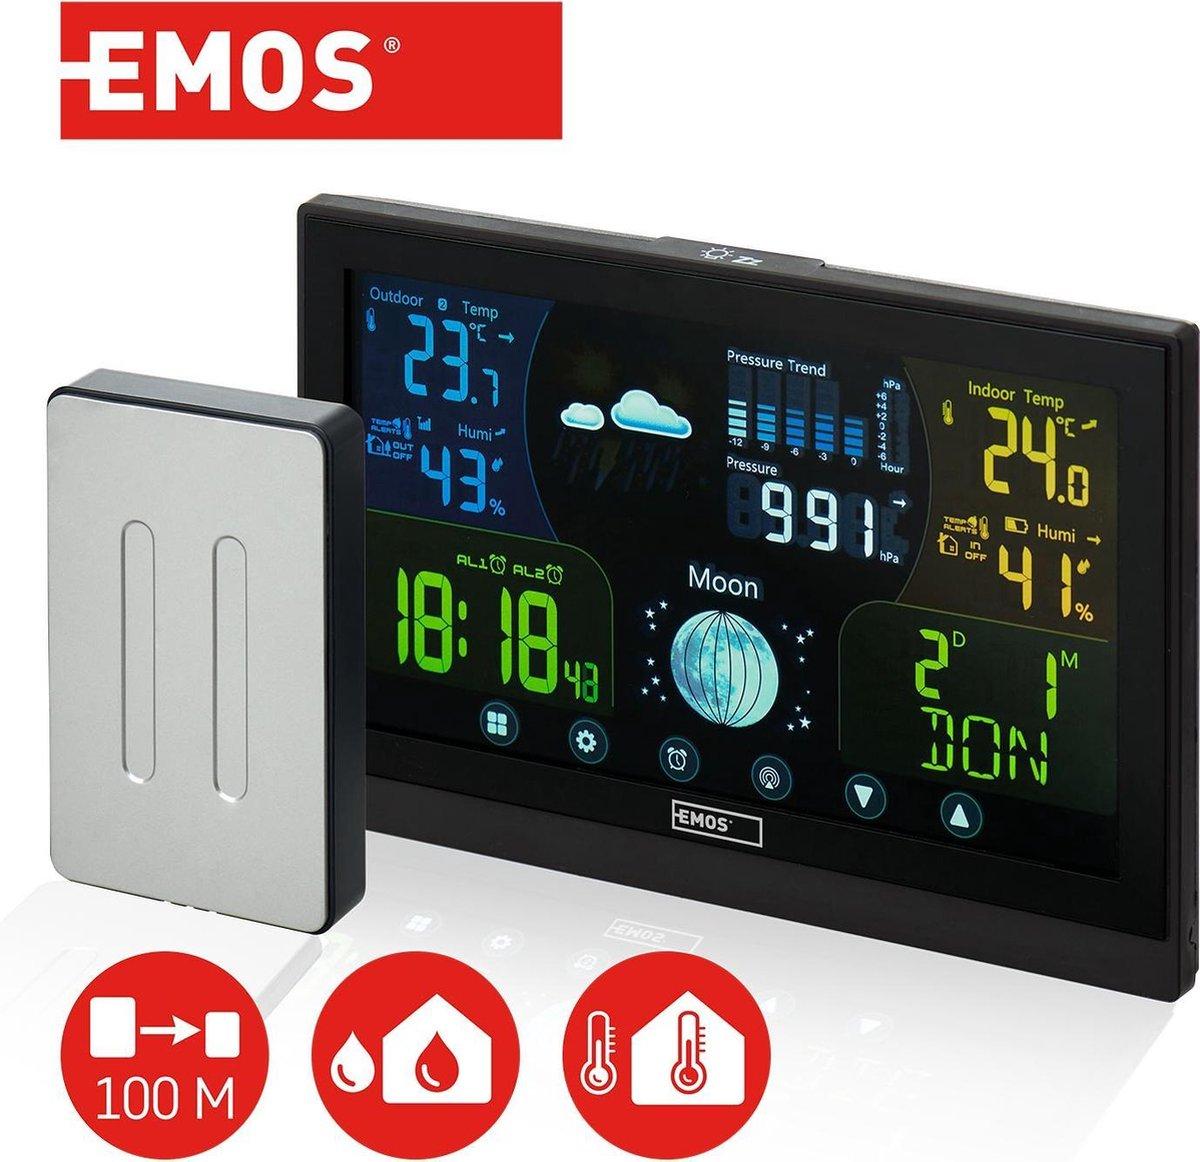 Emos draadloos weerstation met touchscreen kleurendisplay, incl. Buitensensor, DCF-ontvangstsignaal